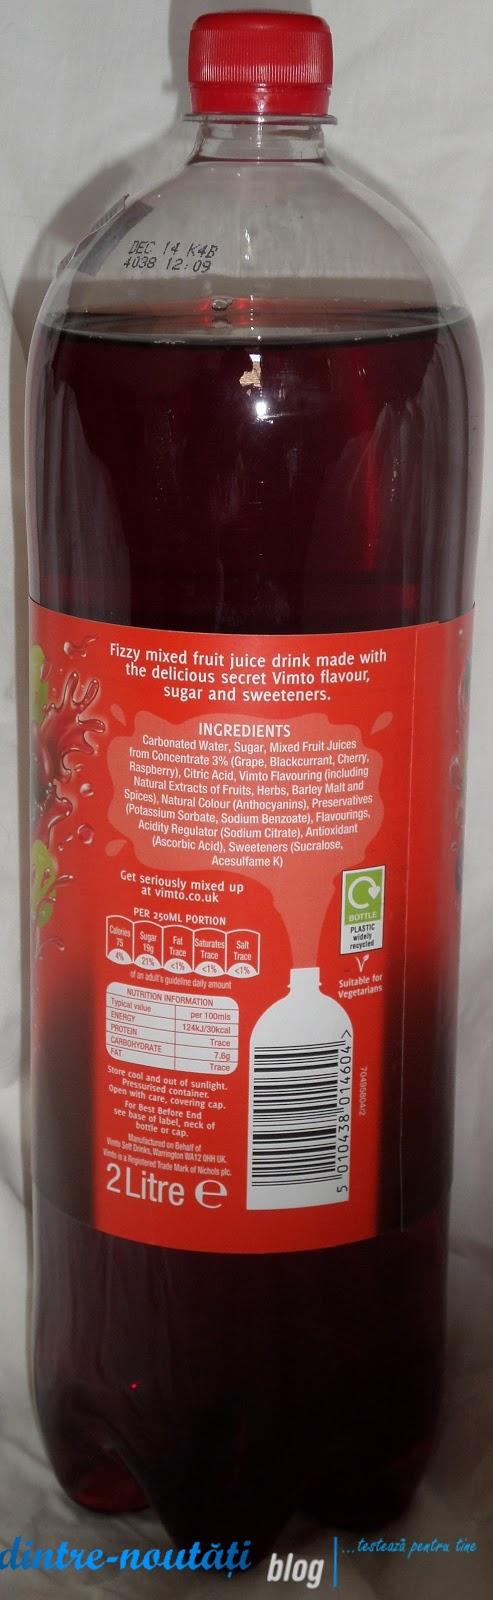 Băutură răcoritoare carbogazoasă preparată cu delicioasa aromă secretă Vimto cirese